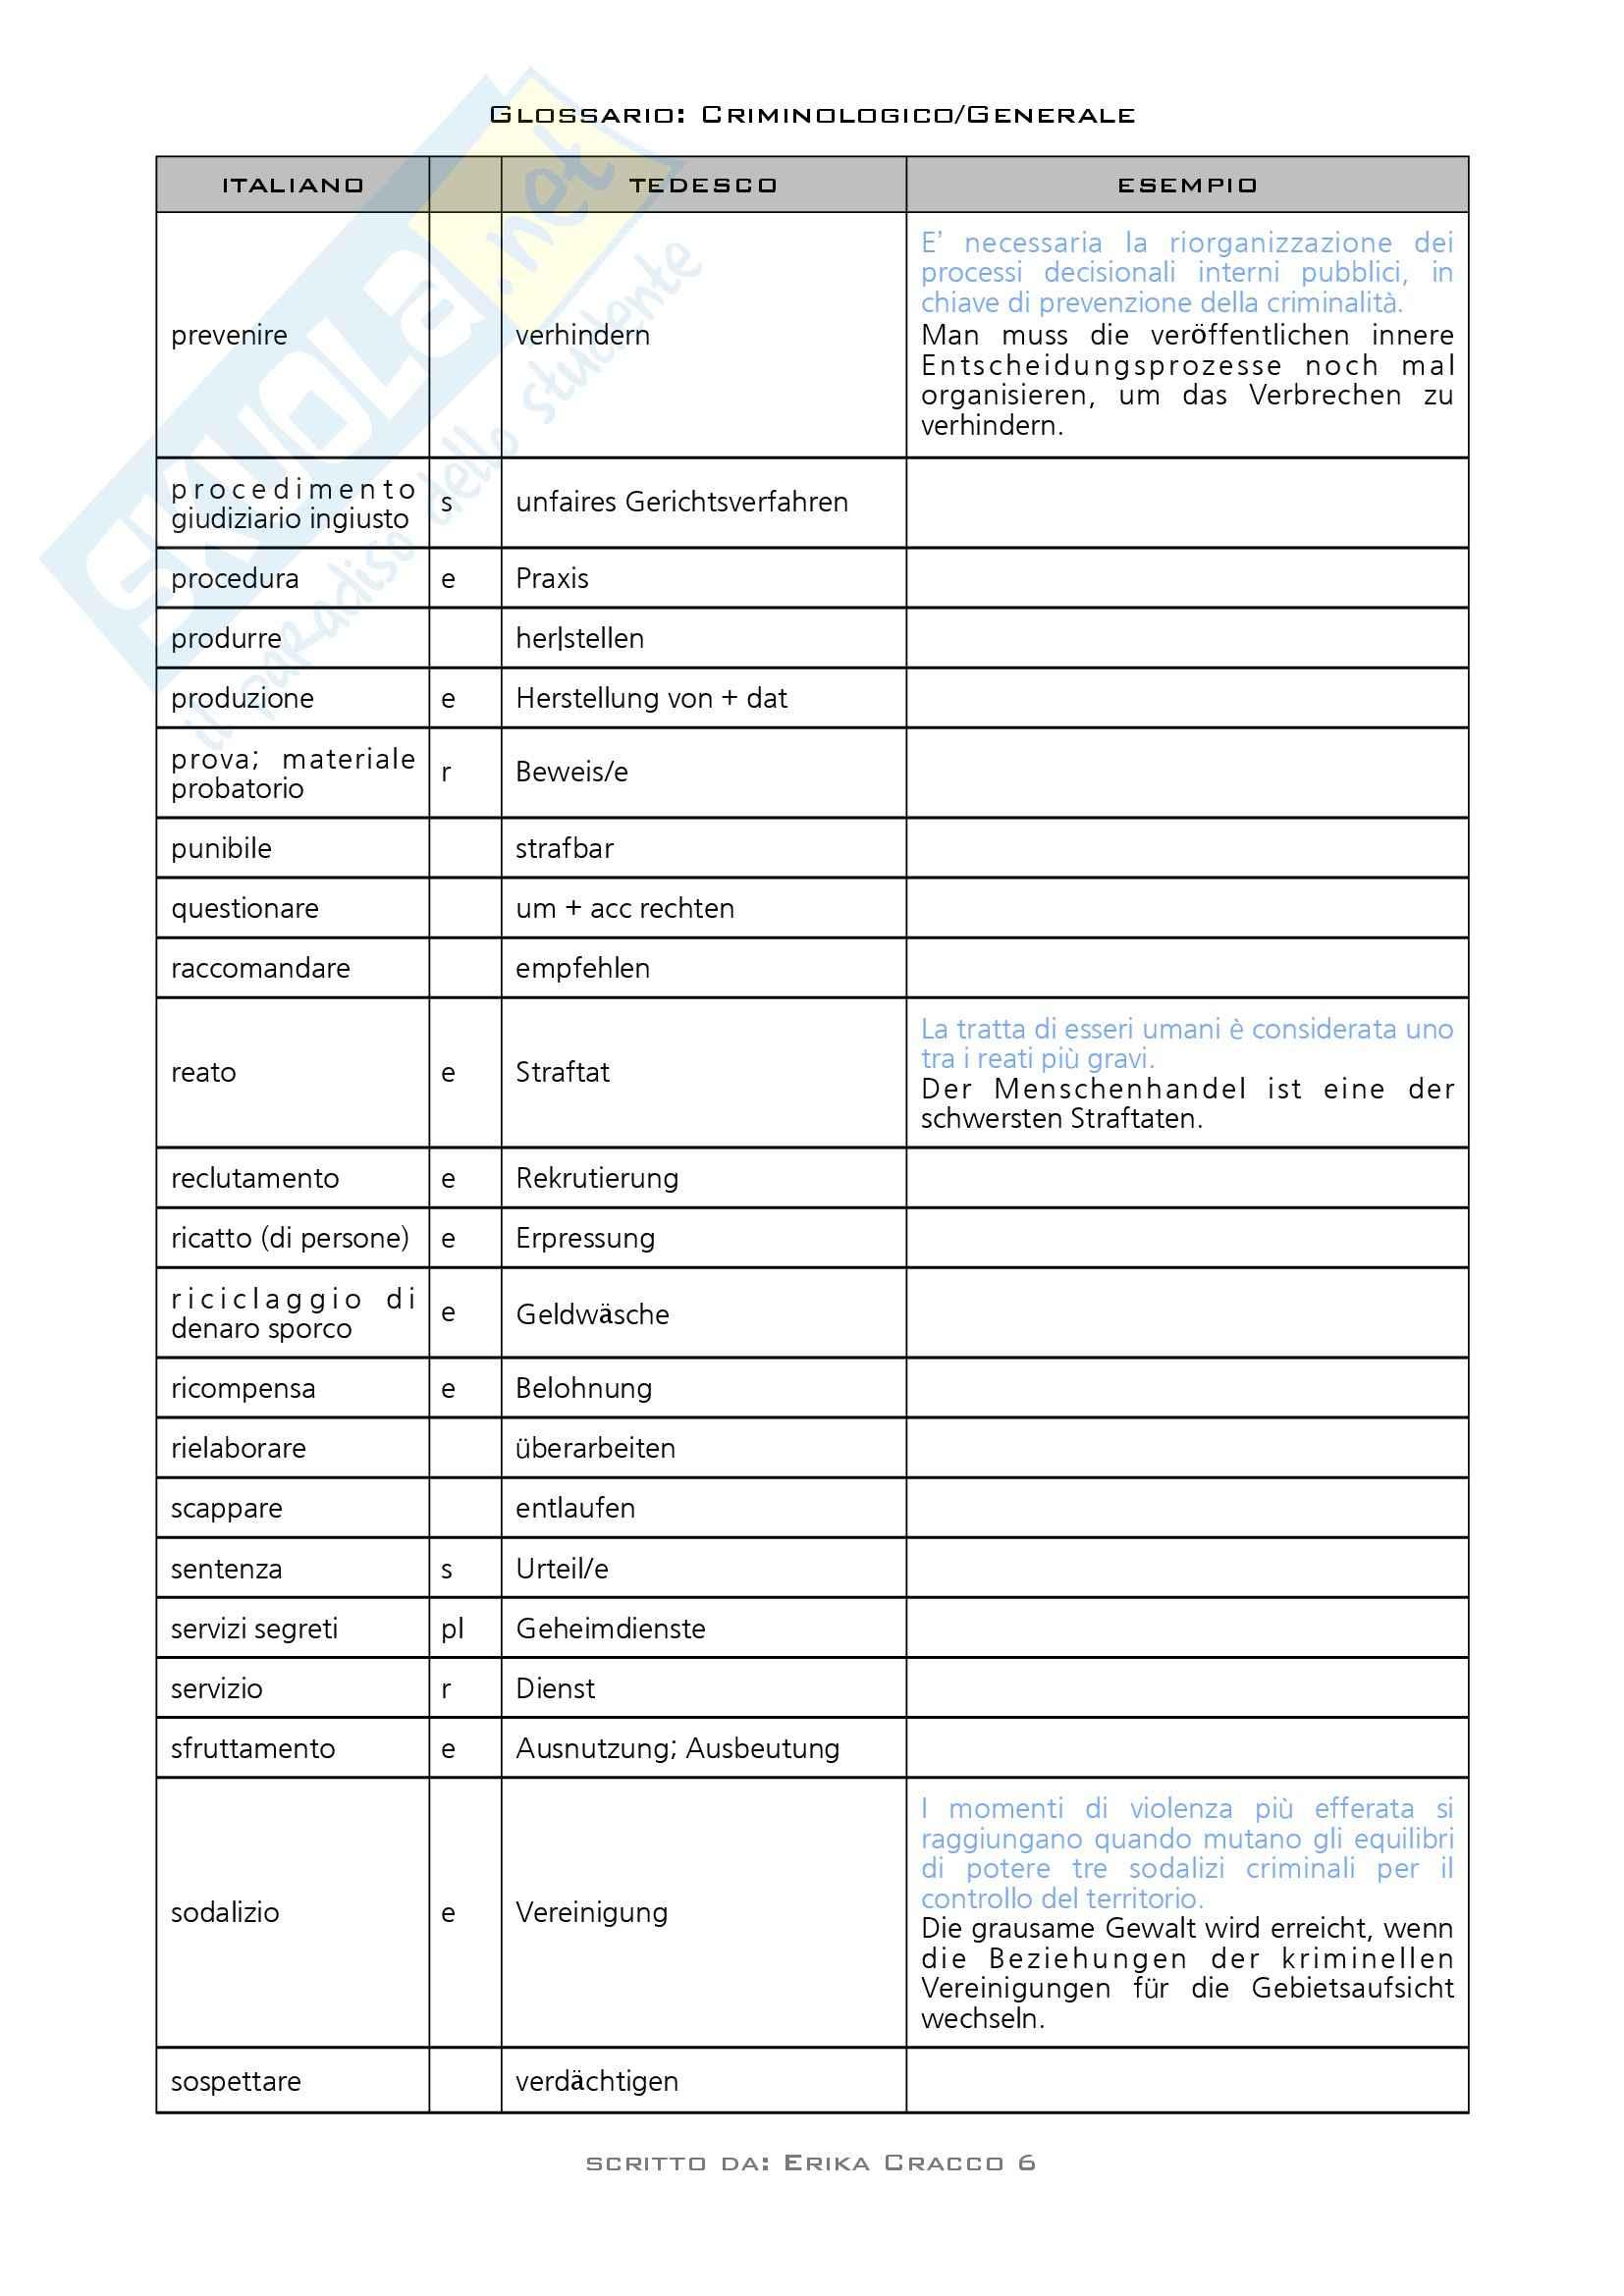 Lingua tedesca - glossario criminologico Pag. 6